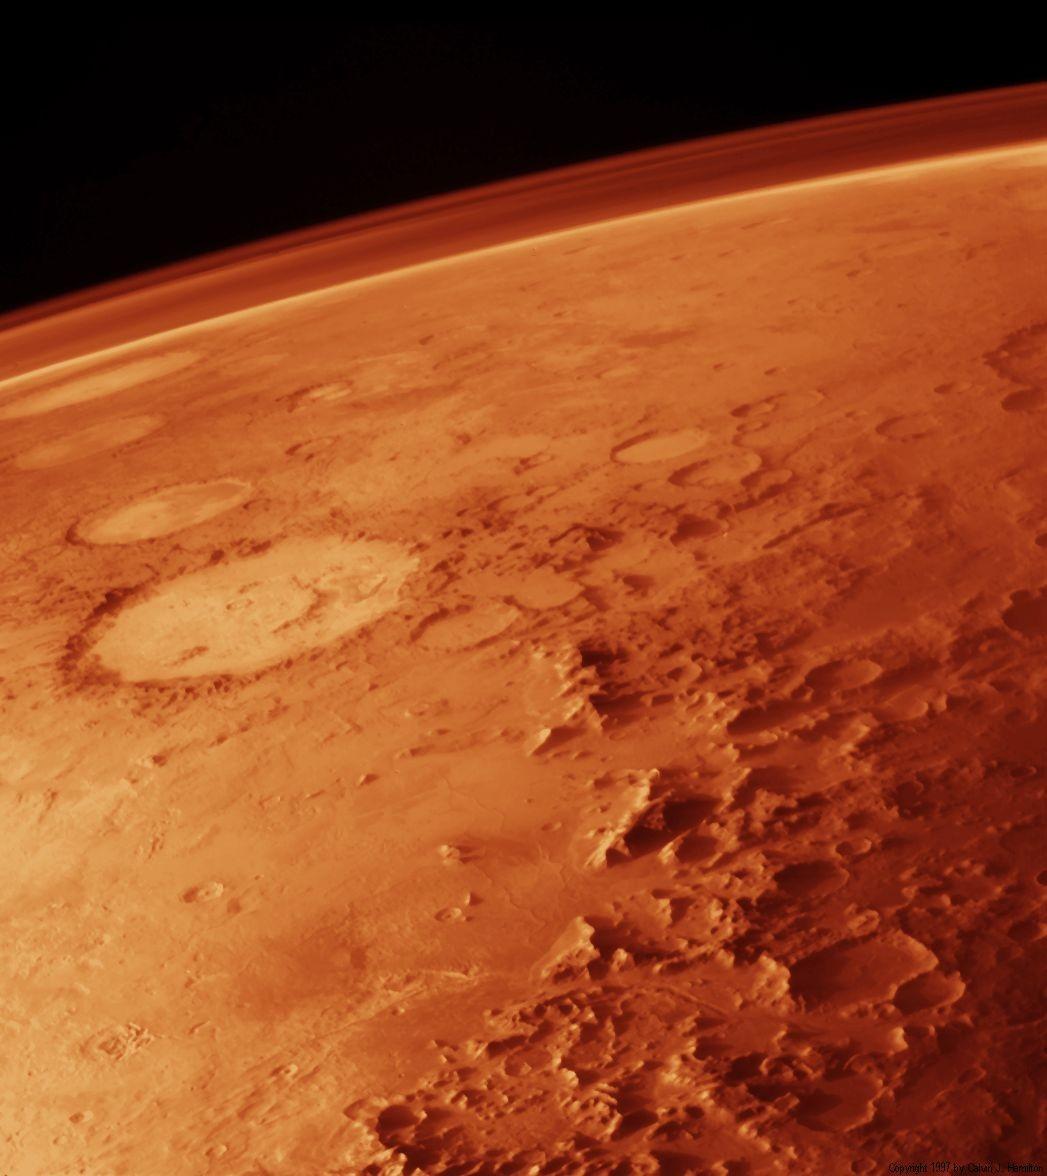 Новый инструмент несомненно поможет проводить поиски следов жизни наМарсе